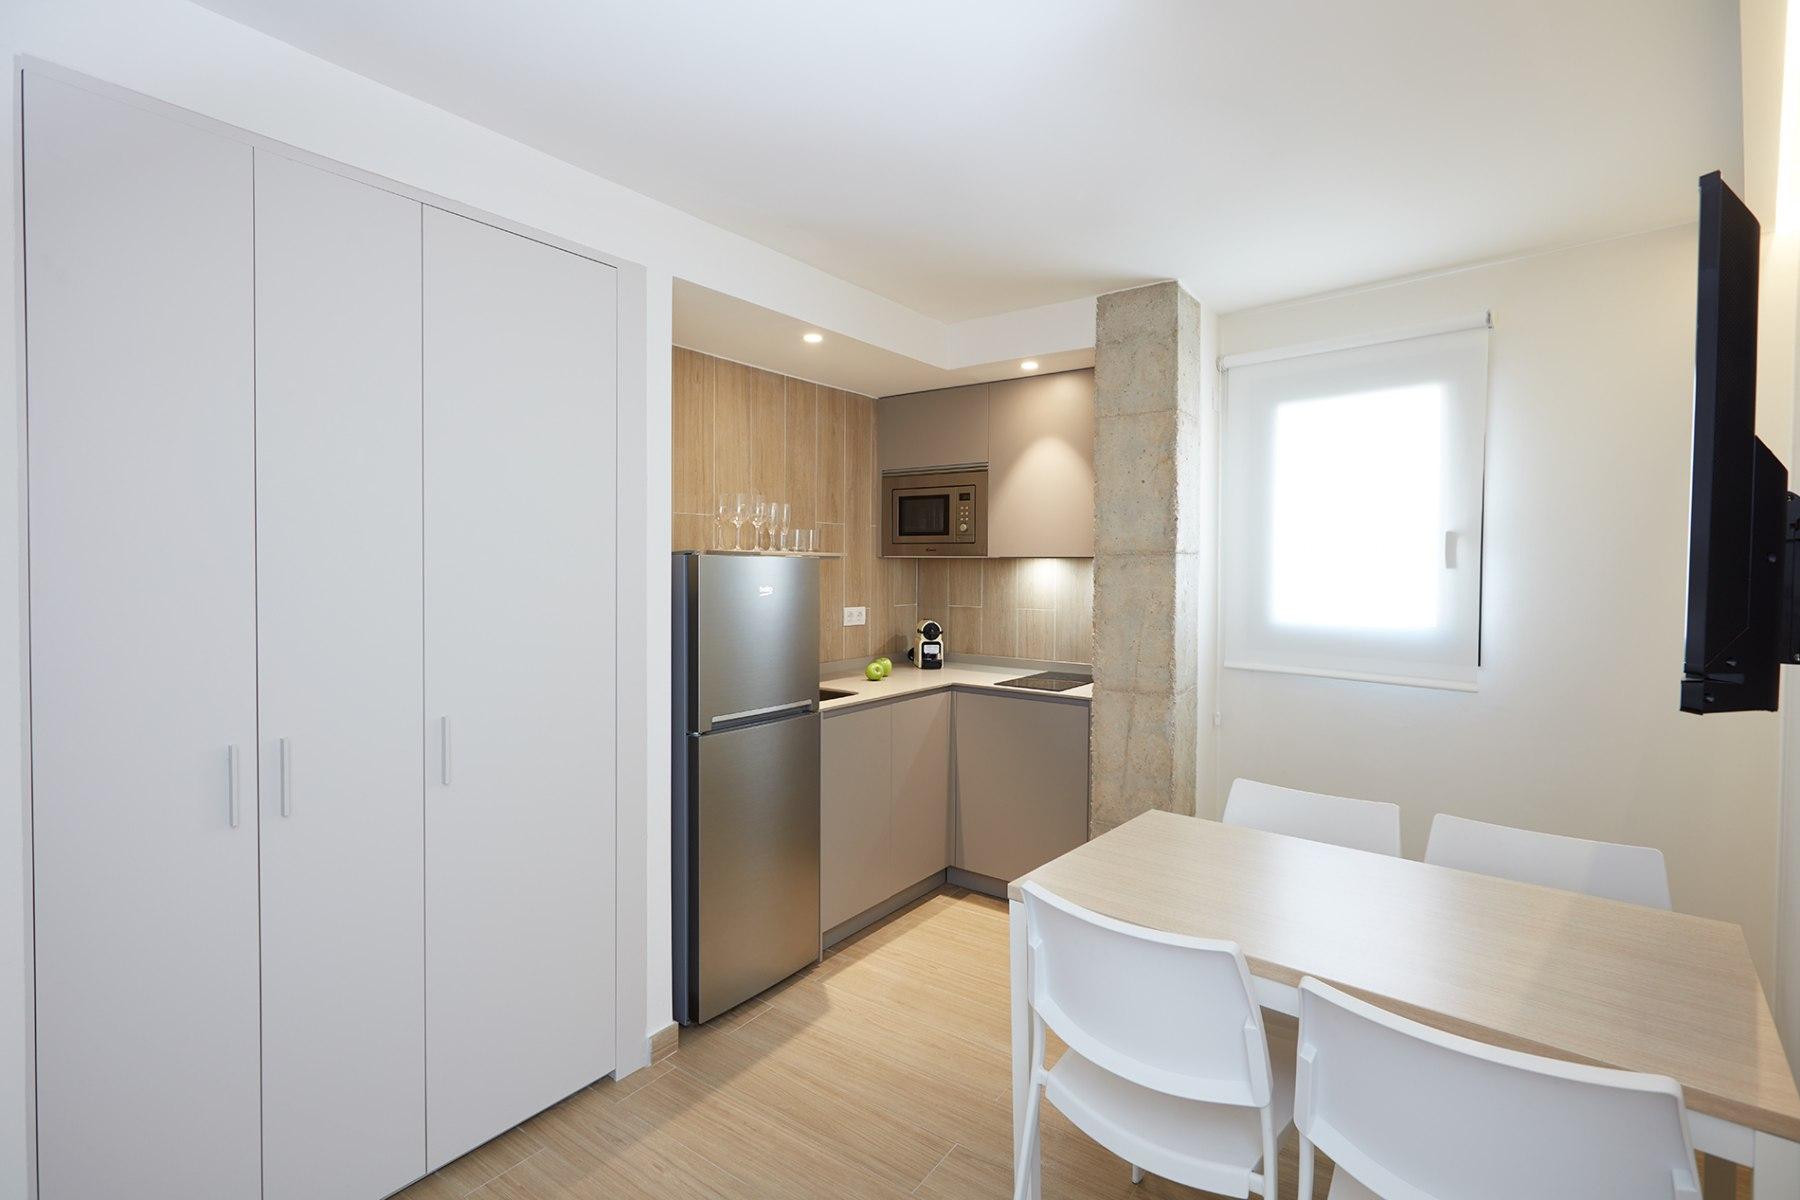 Интерьер квартиры студии с угловой кухней